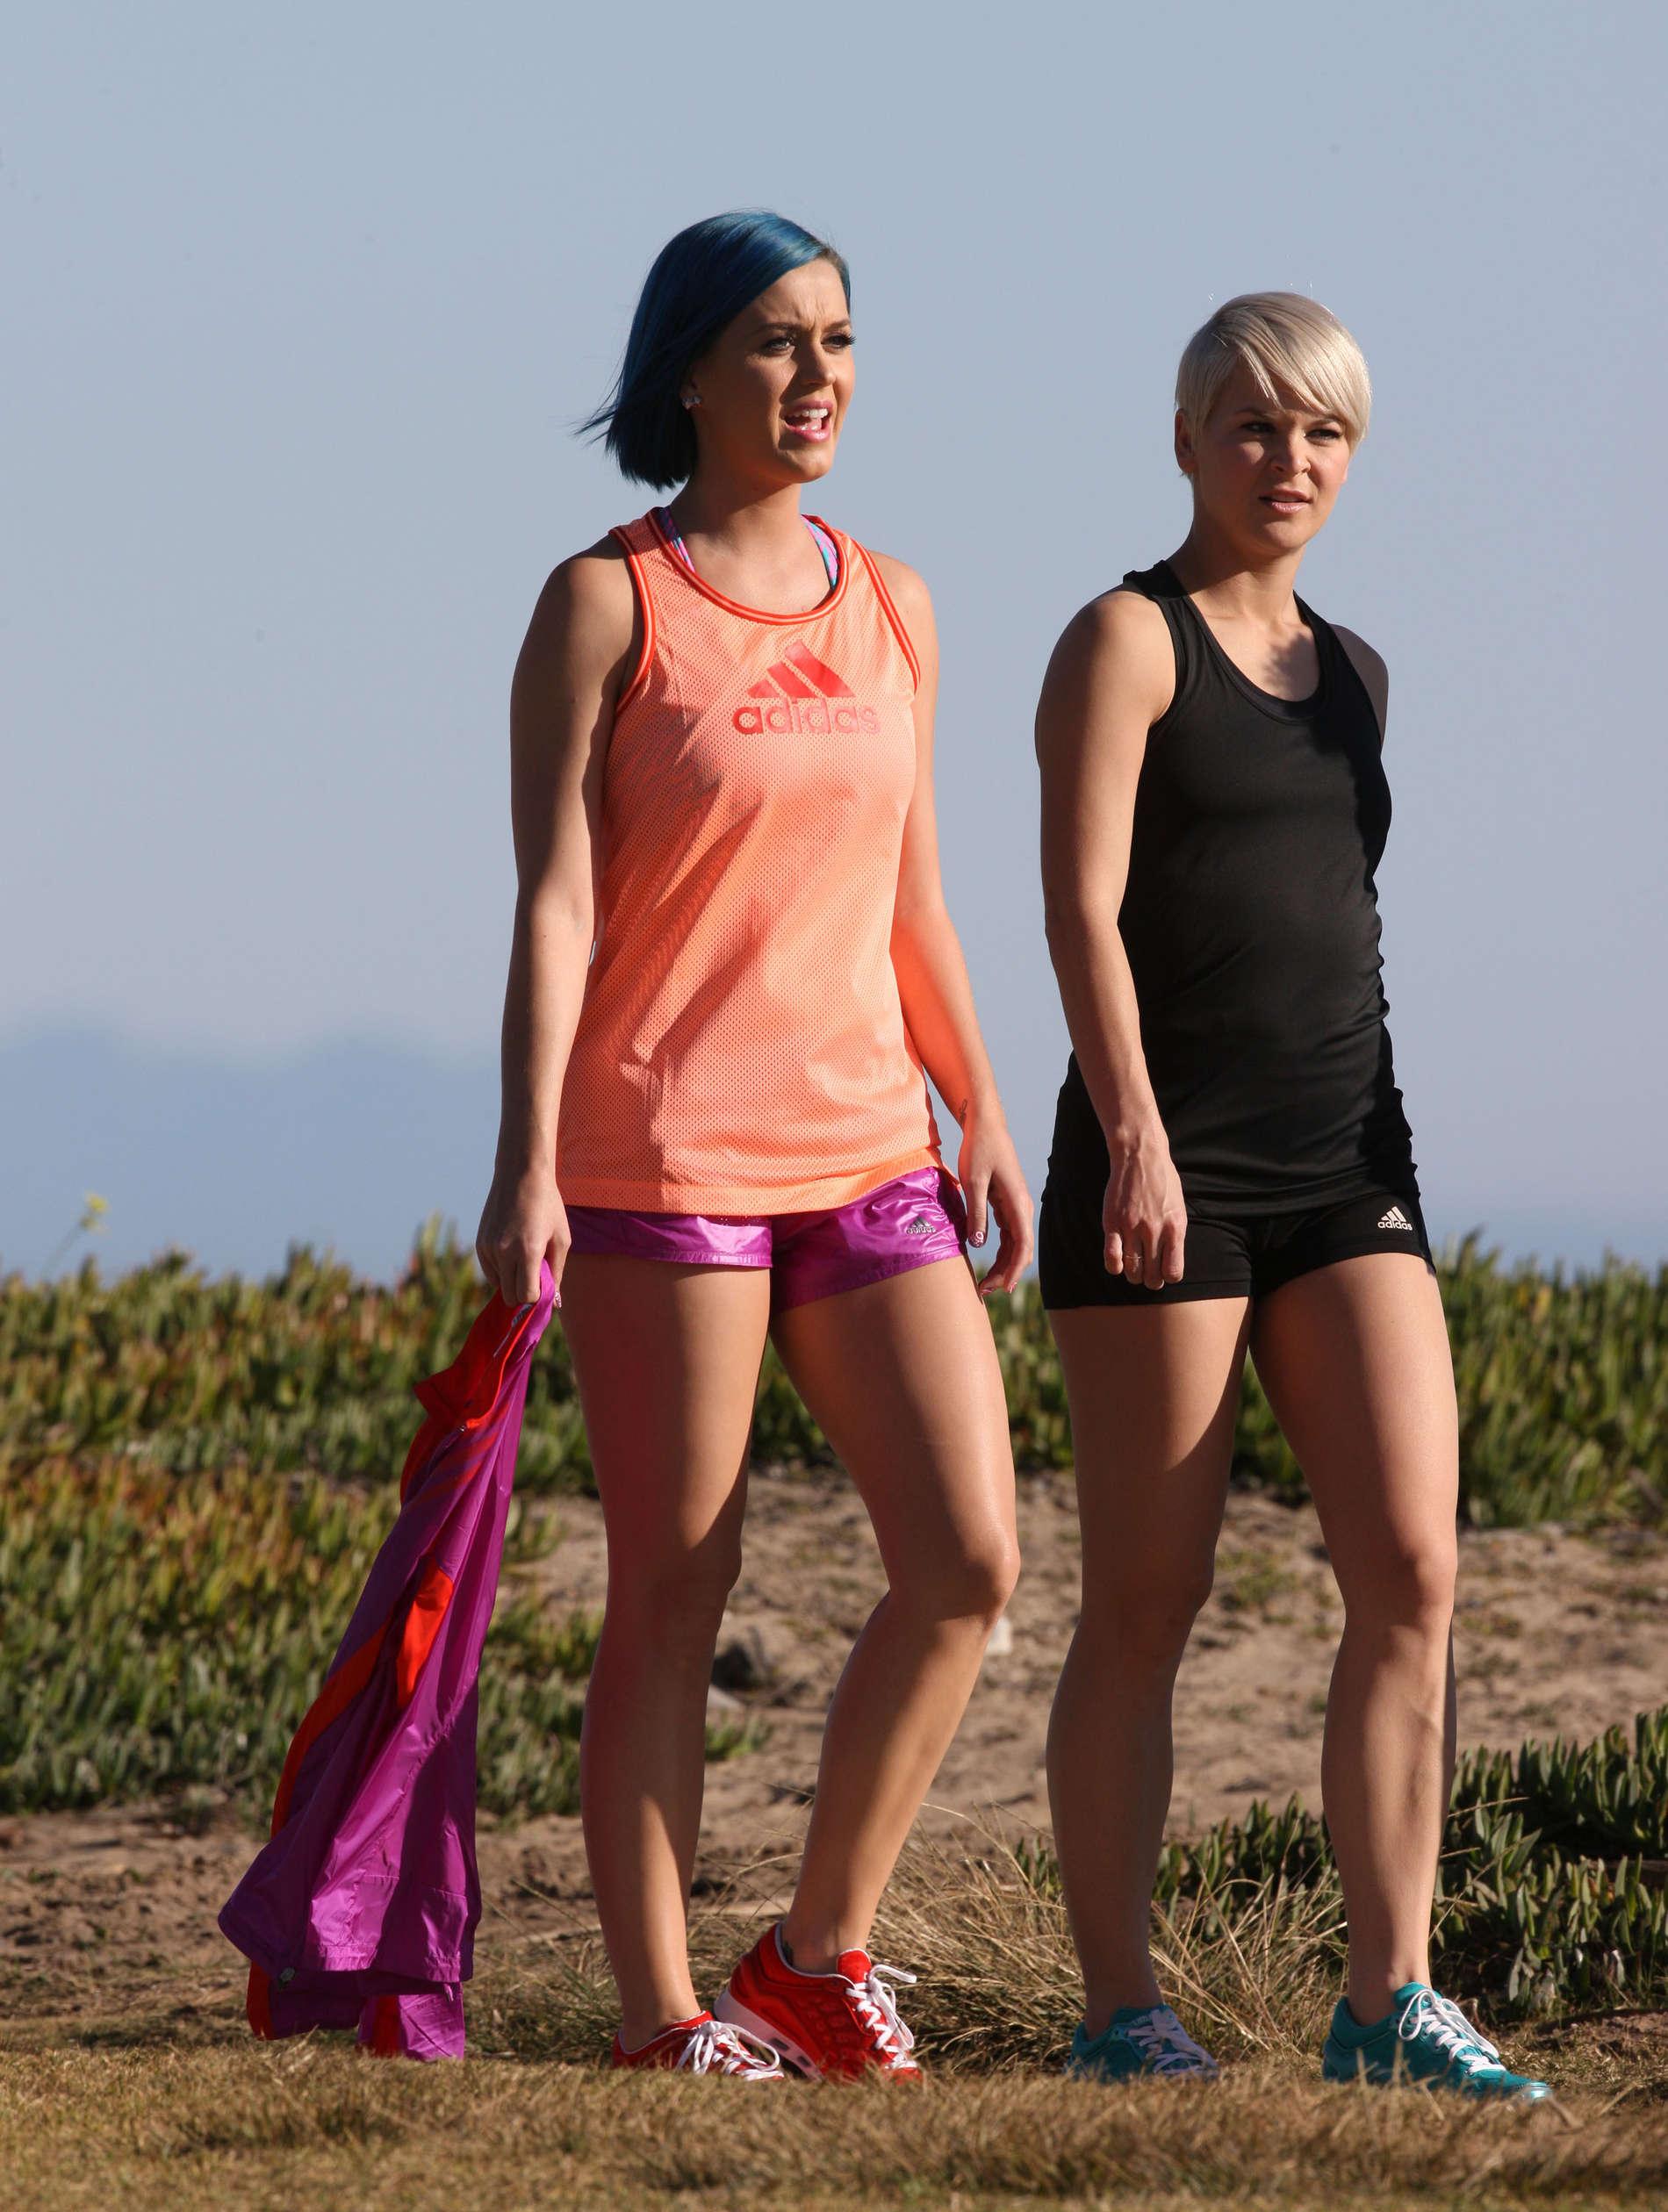 Katy Perry Adidas Photo Shoot 3